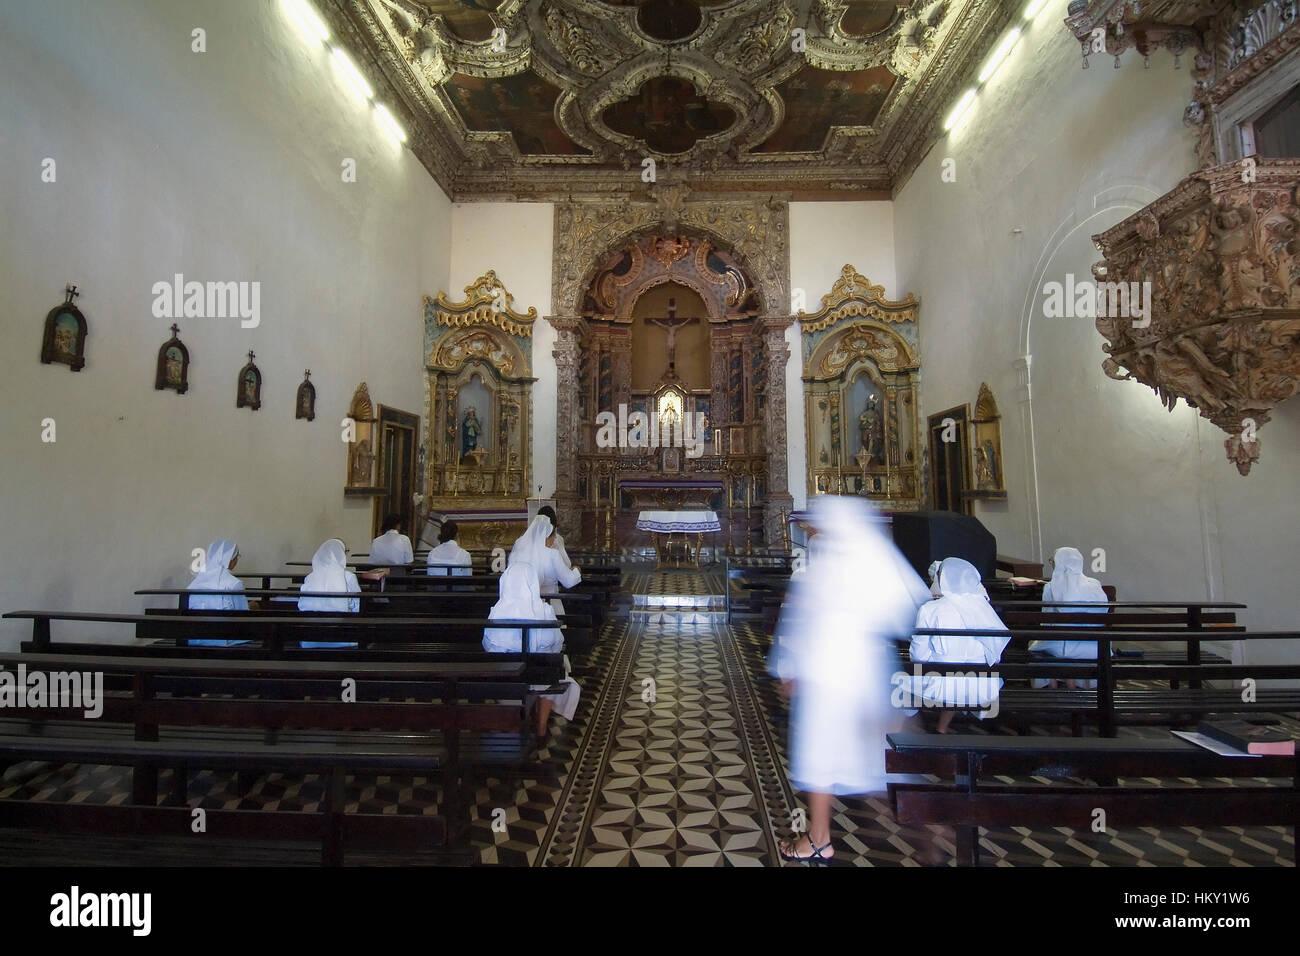 Geben Sie da Misericordia Kirche, Innenraum, Olinda, Pernambuco, Brasilien, UNESCO World Heritage Site Eglise da Stockbild